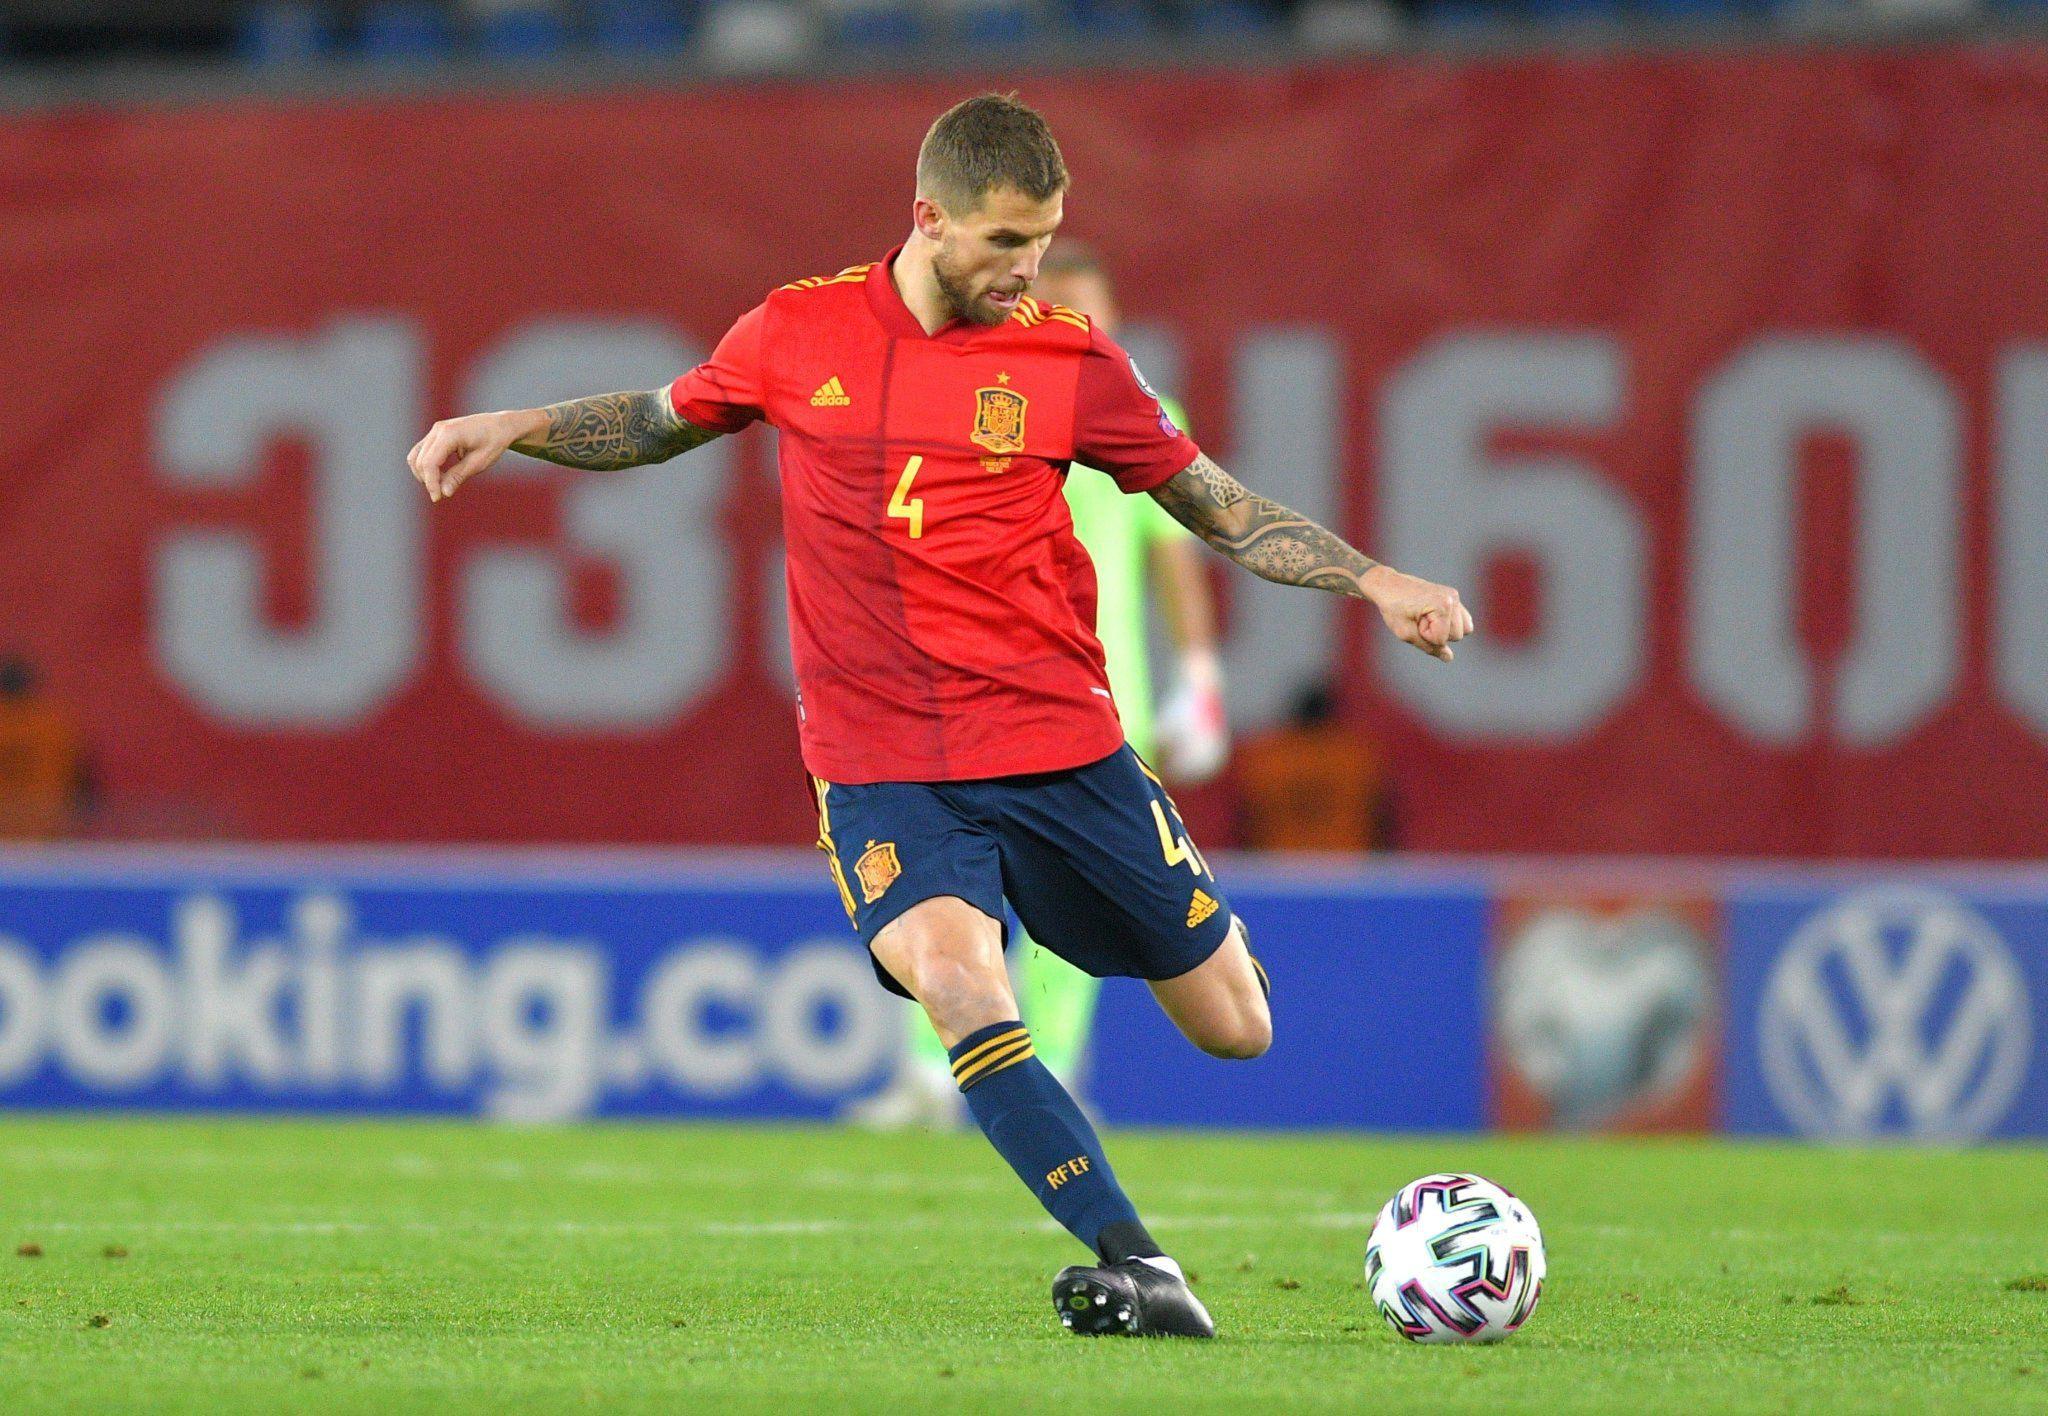 伊尼戈-马丁内斯:我不在最佳状态,因而放弃参加欧洲杯